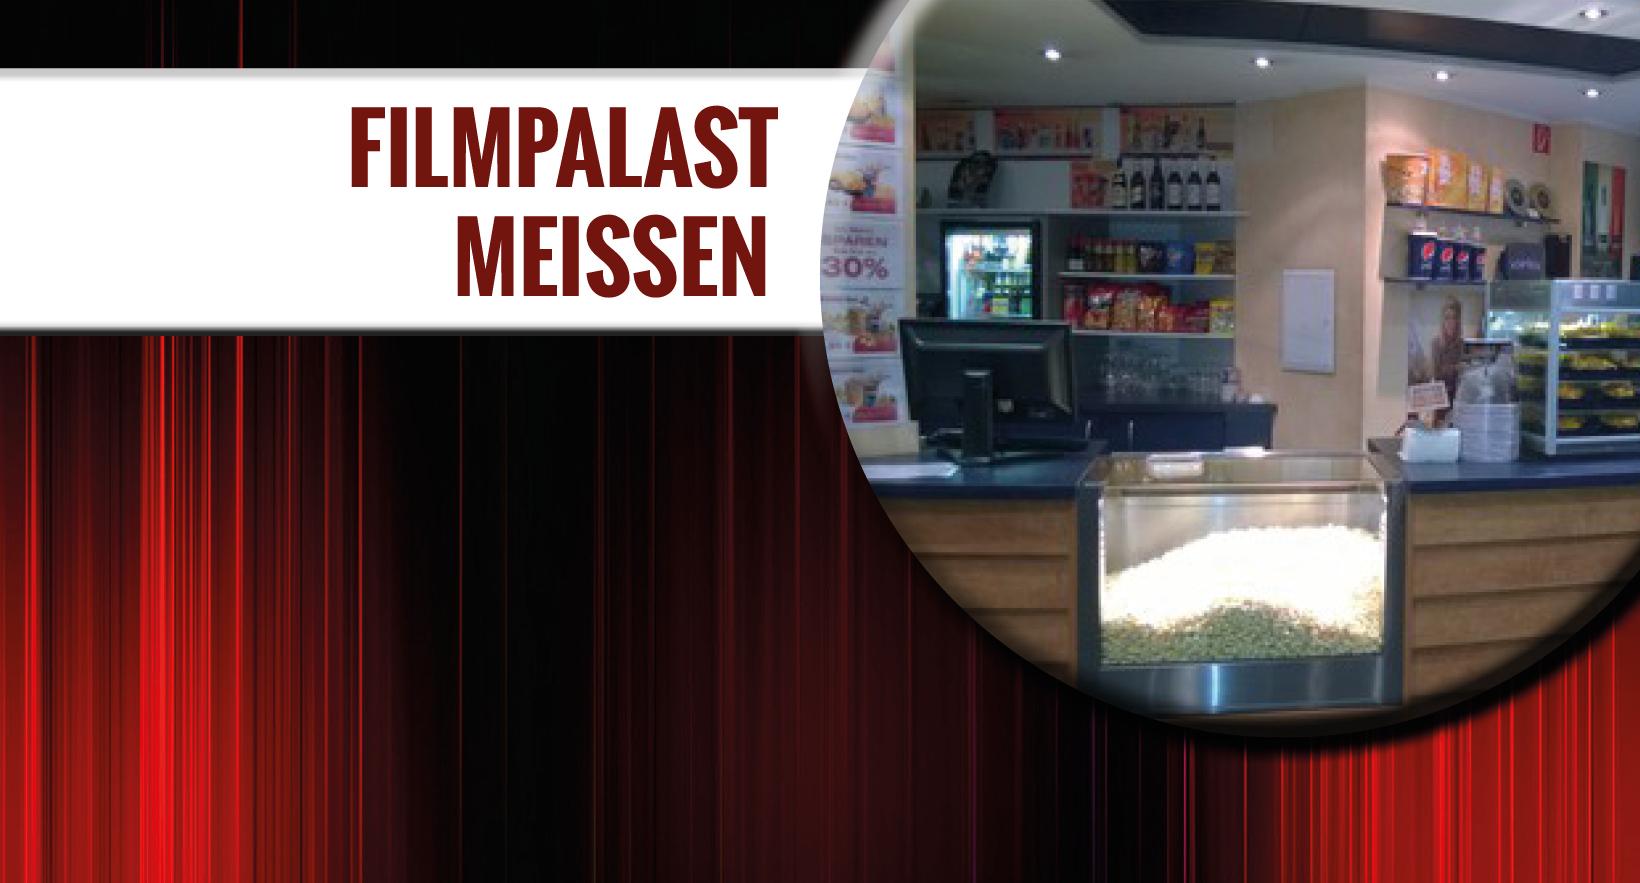 Filmpalast Meissen